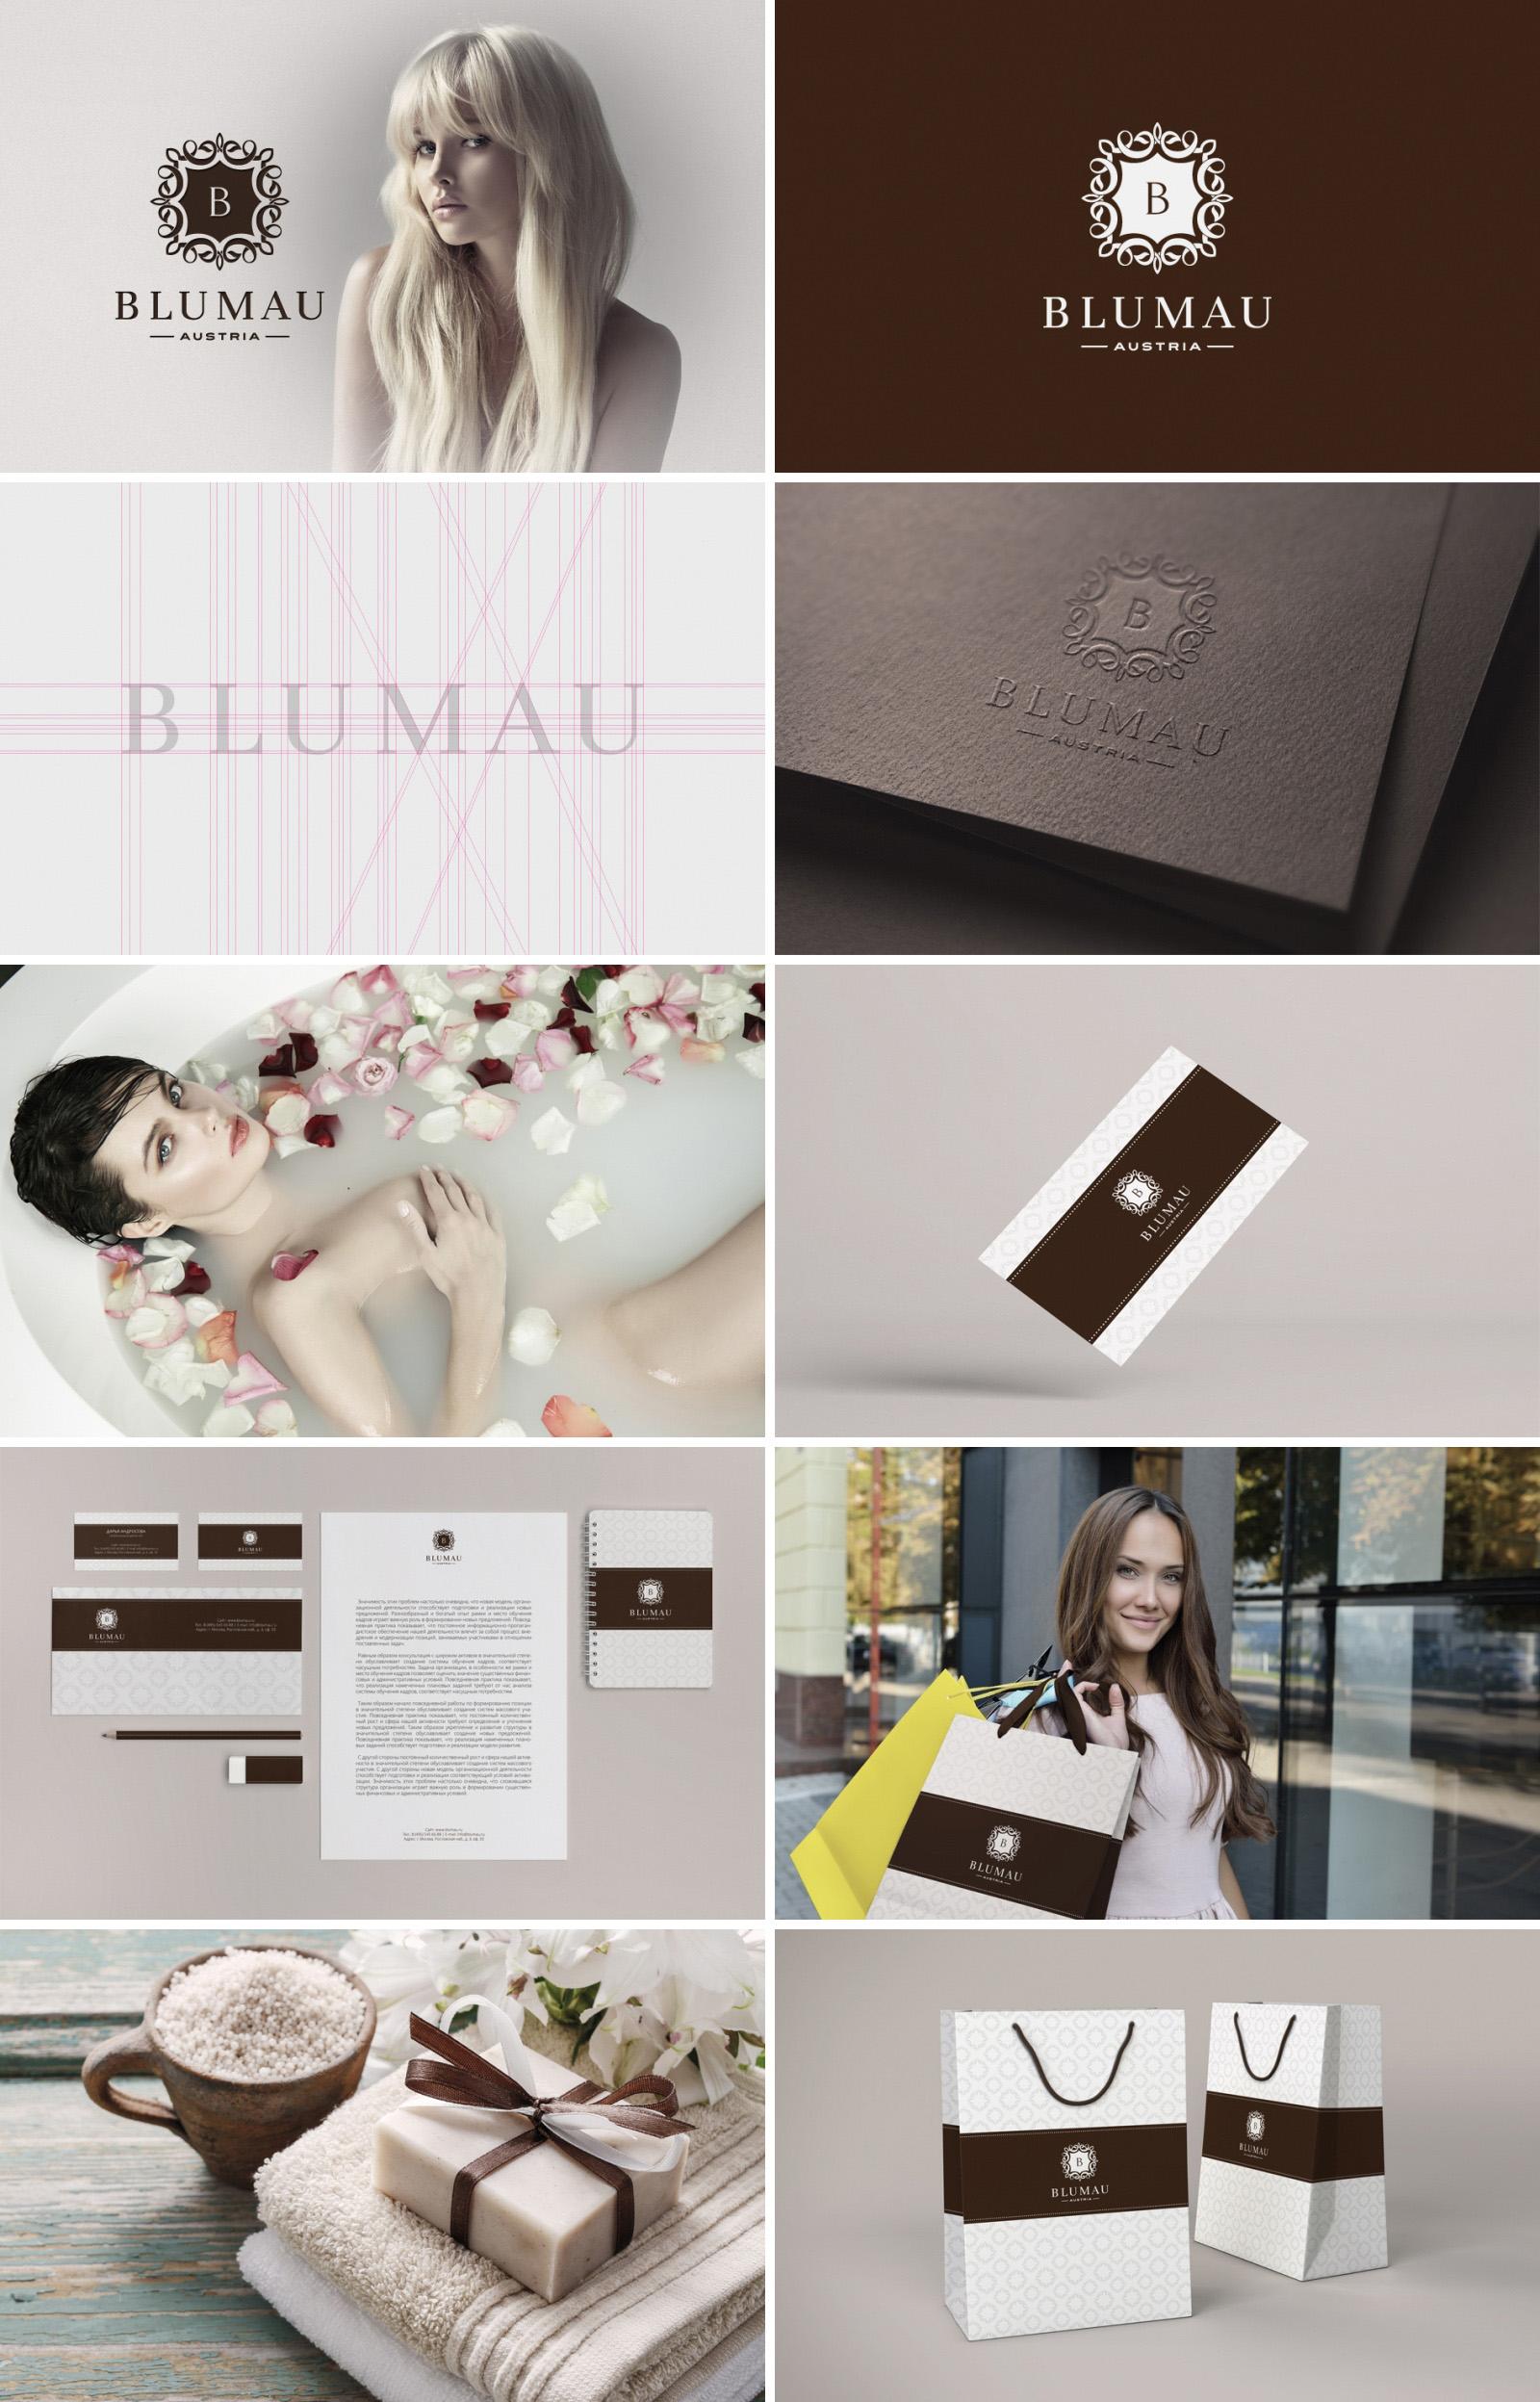 Фирменный стиль для бренда «Blumau»